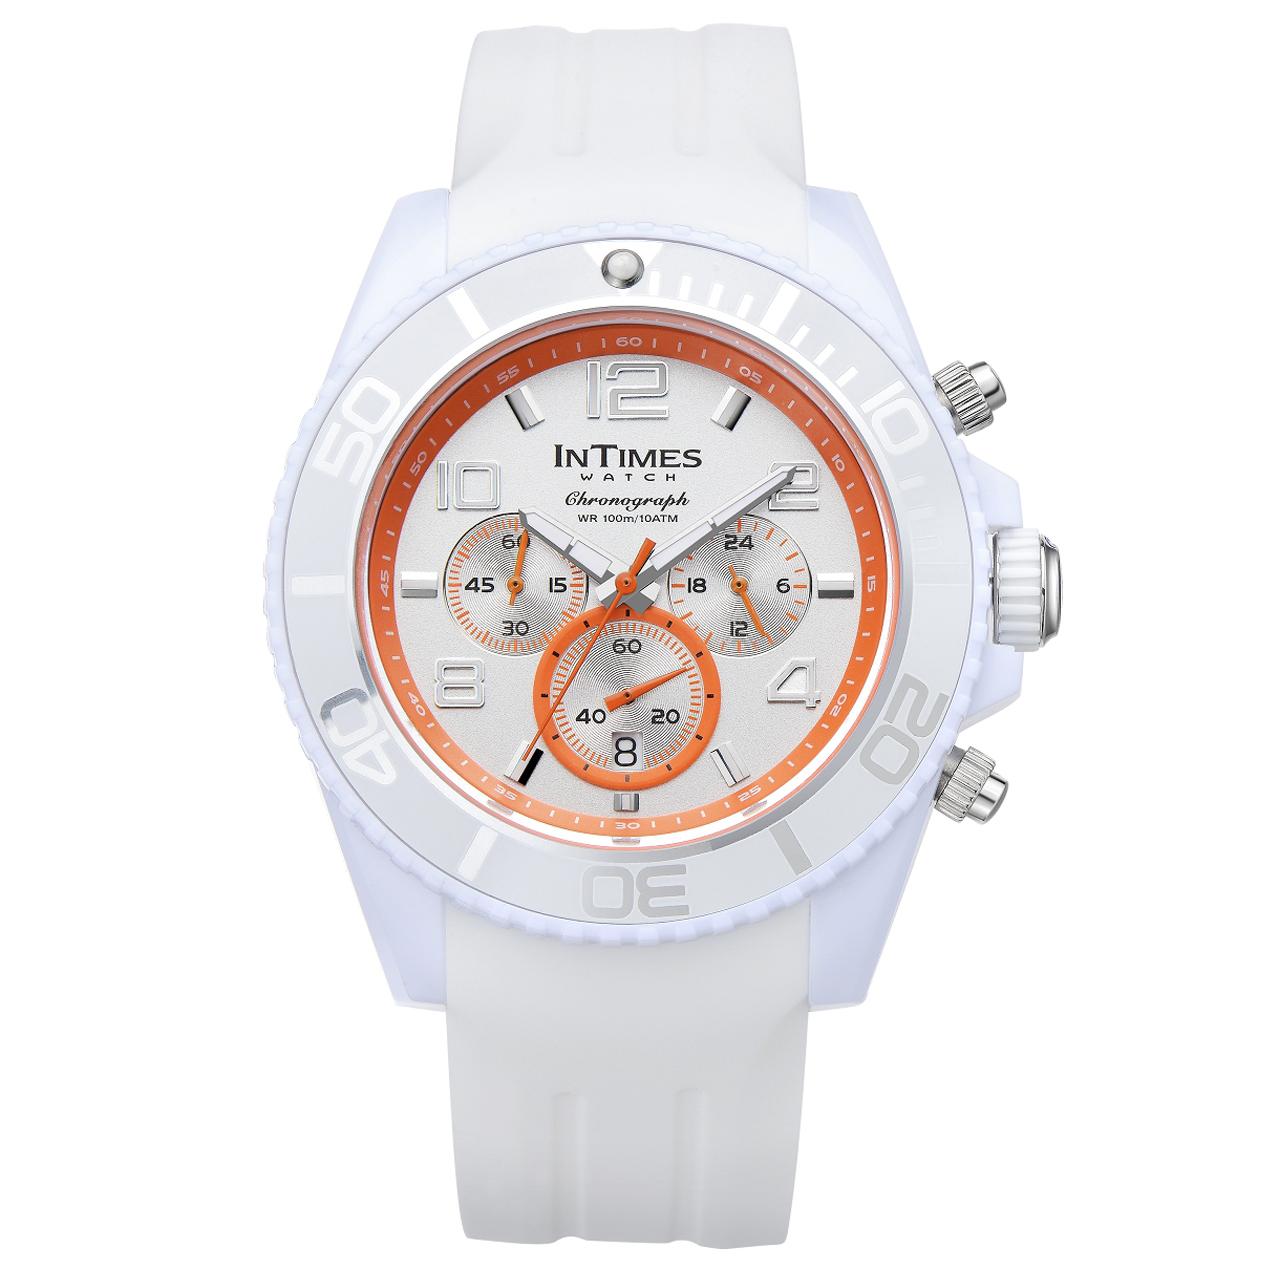 ساعت مچی عقربهای مردانه اینتایمز مدل IT-SD069.white 8